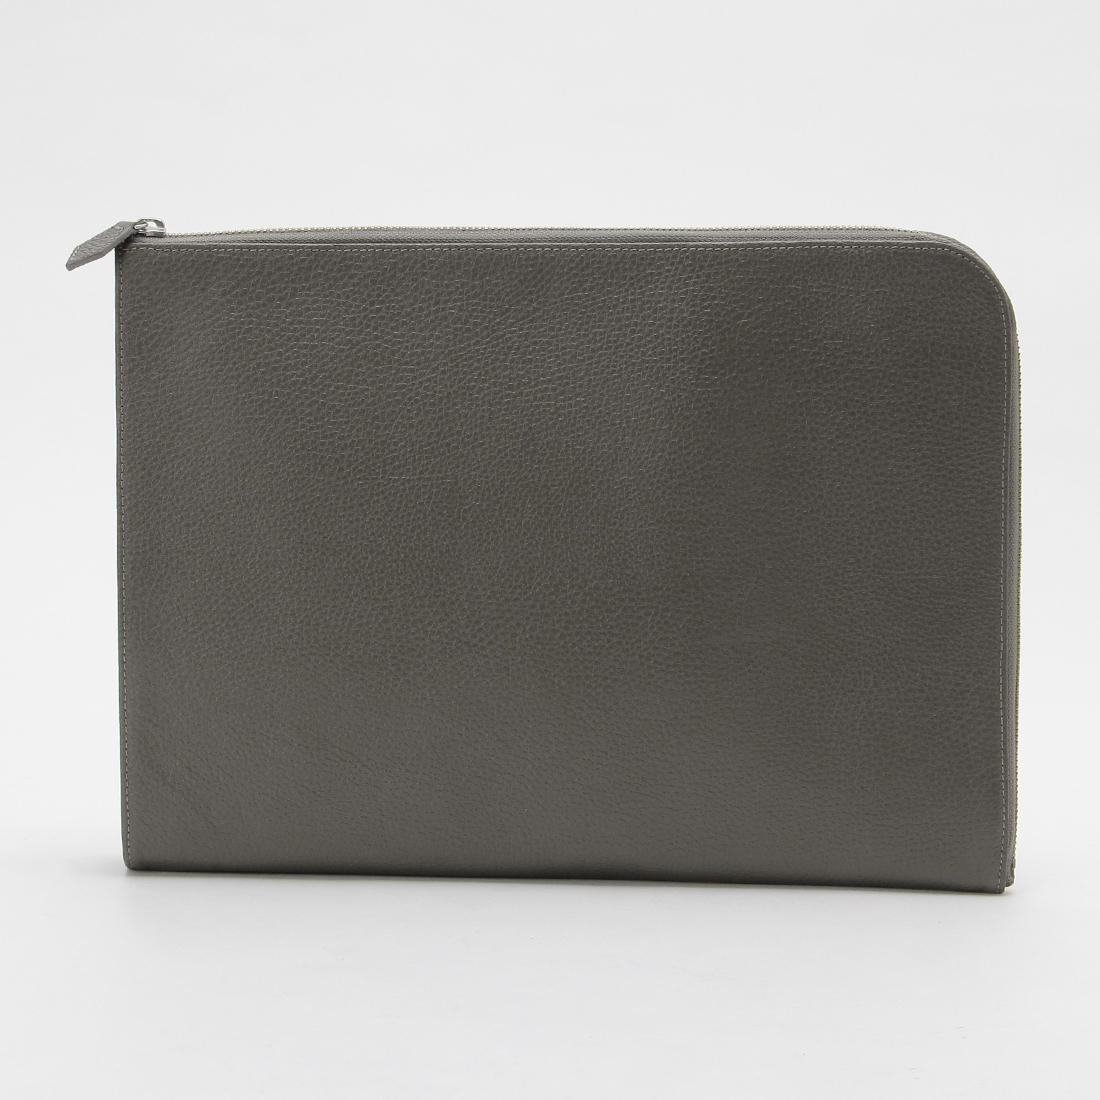 Clutch Bag 2012682: Grey